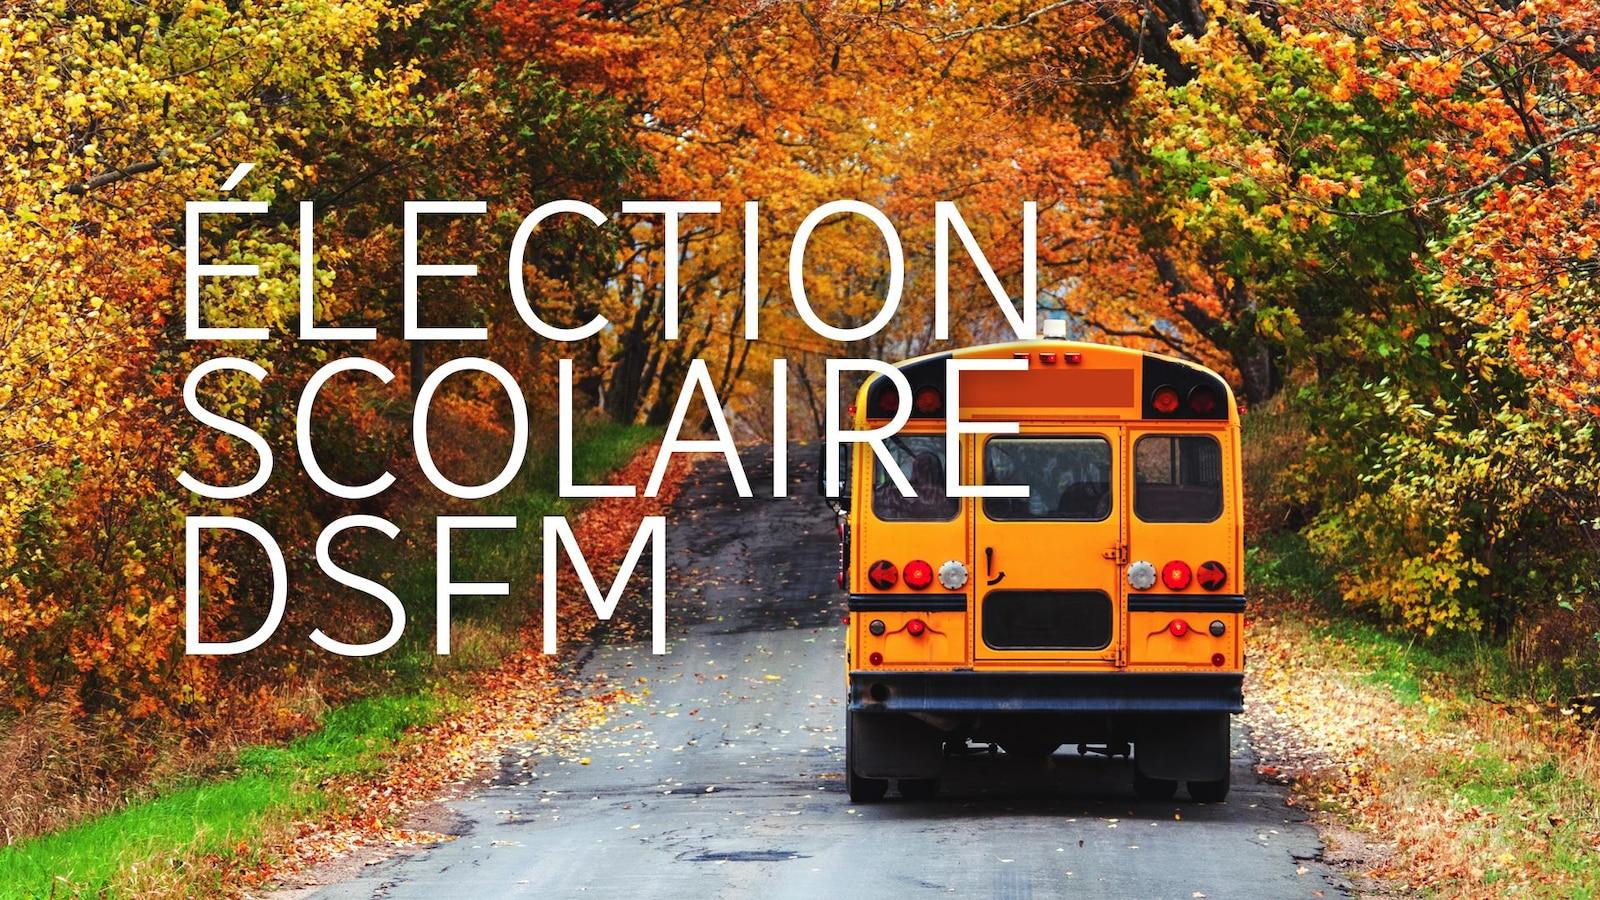 Un autobus scolaire dans un paysage d'automne.